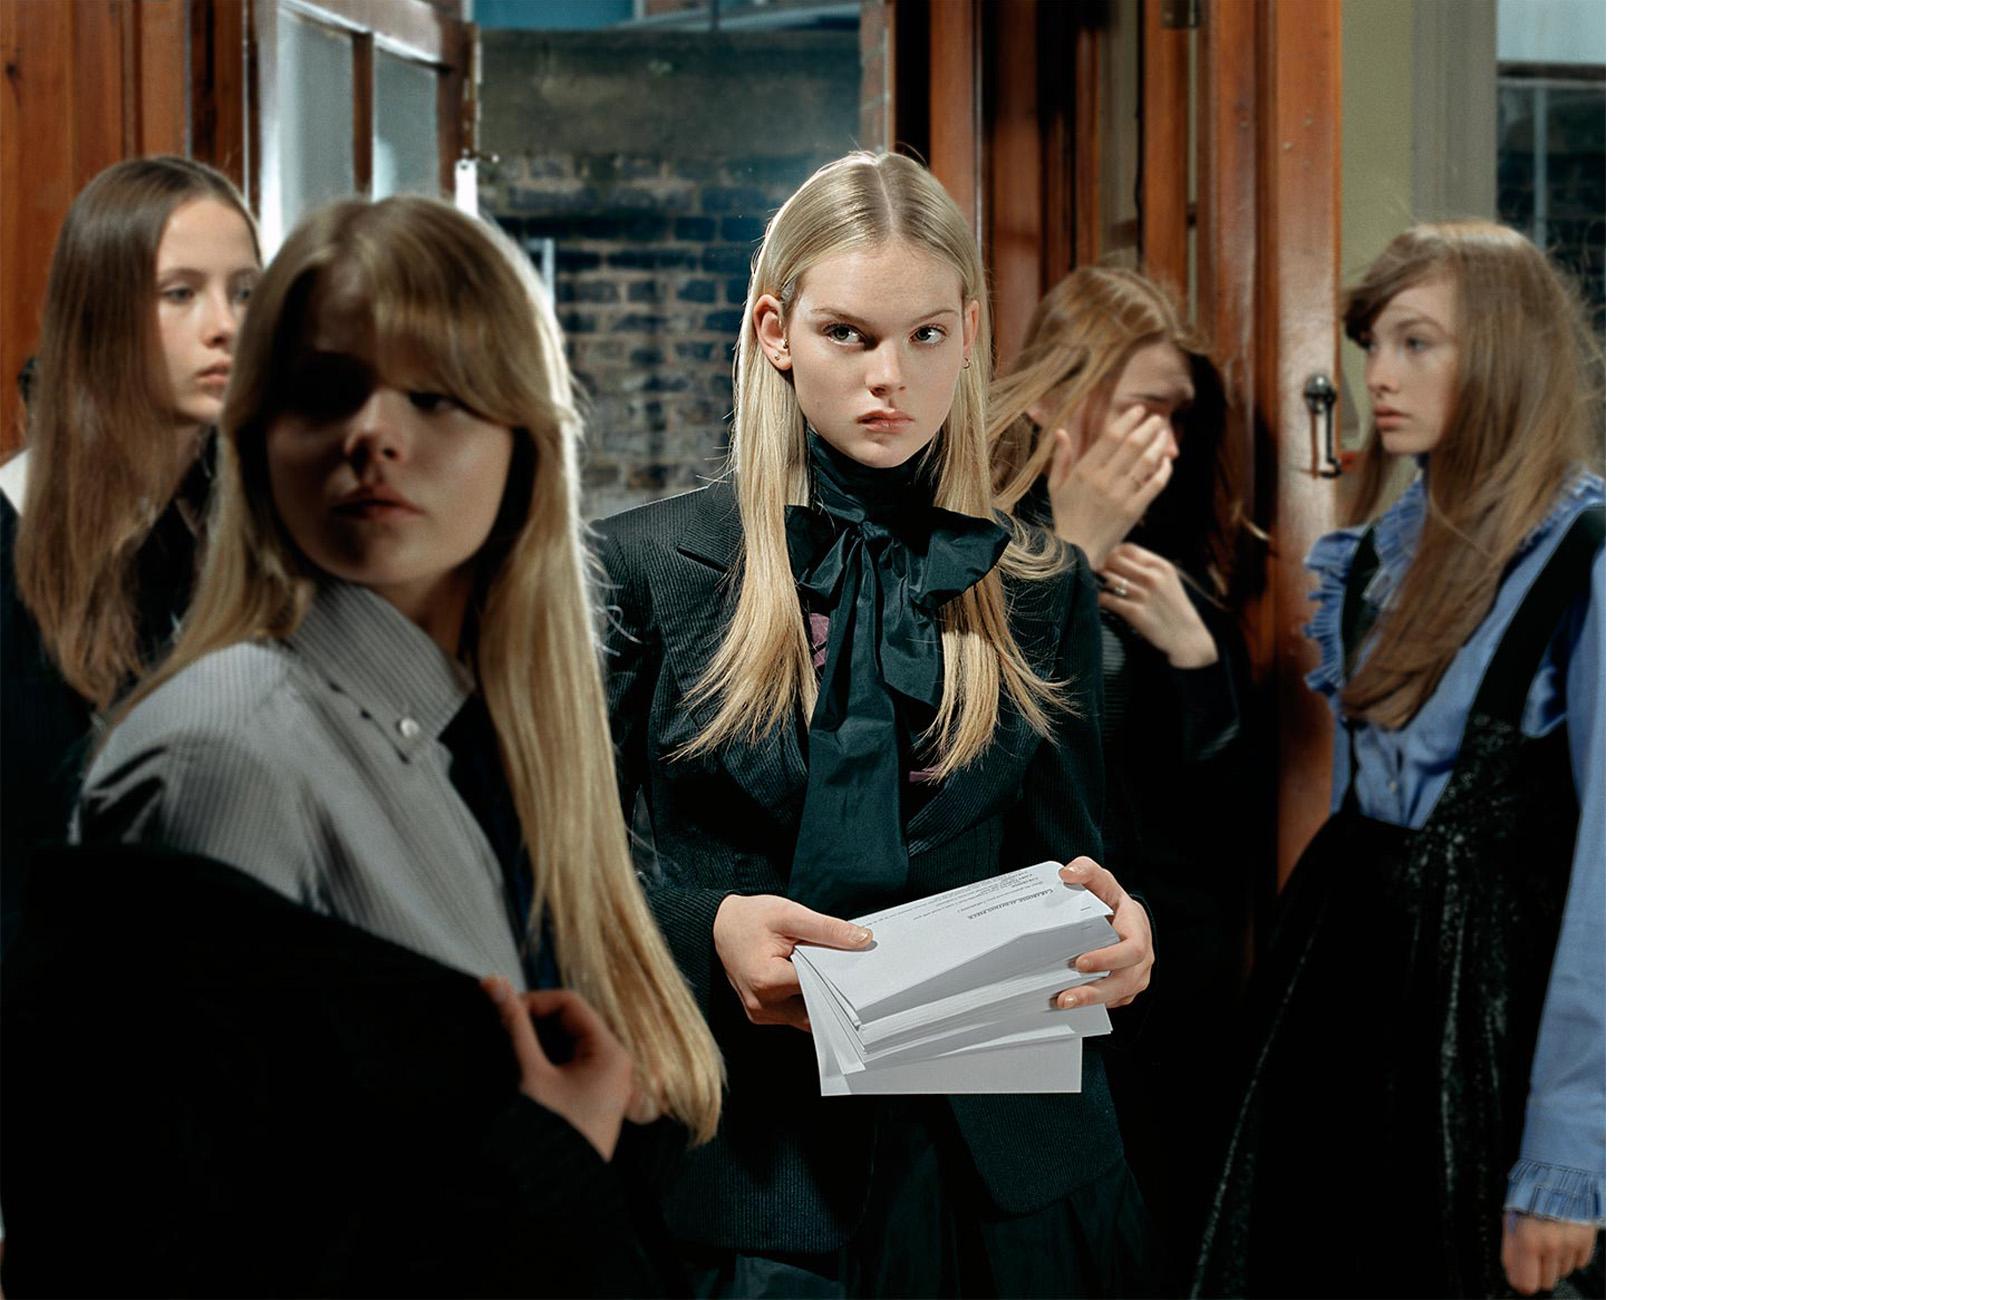 Girls School - 1 of 4